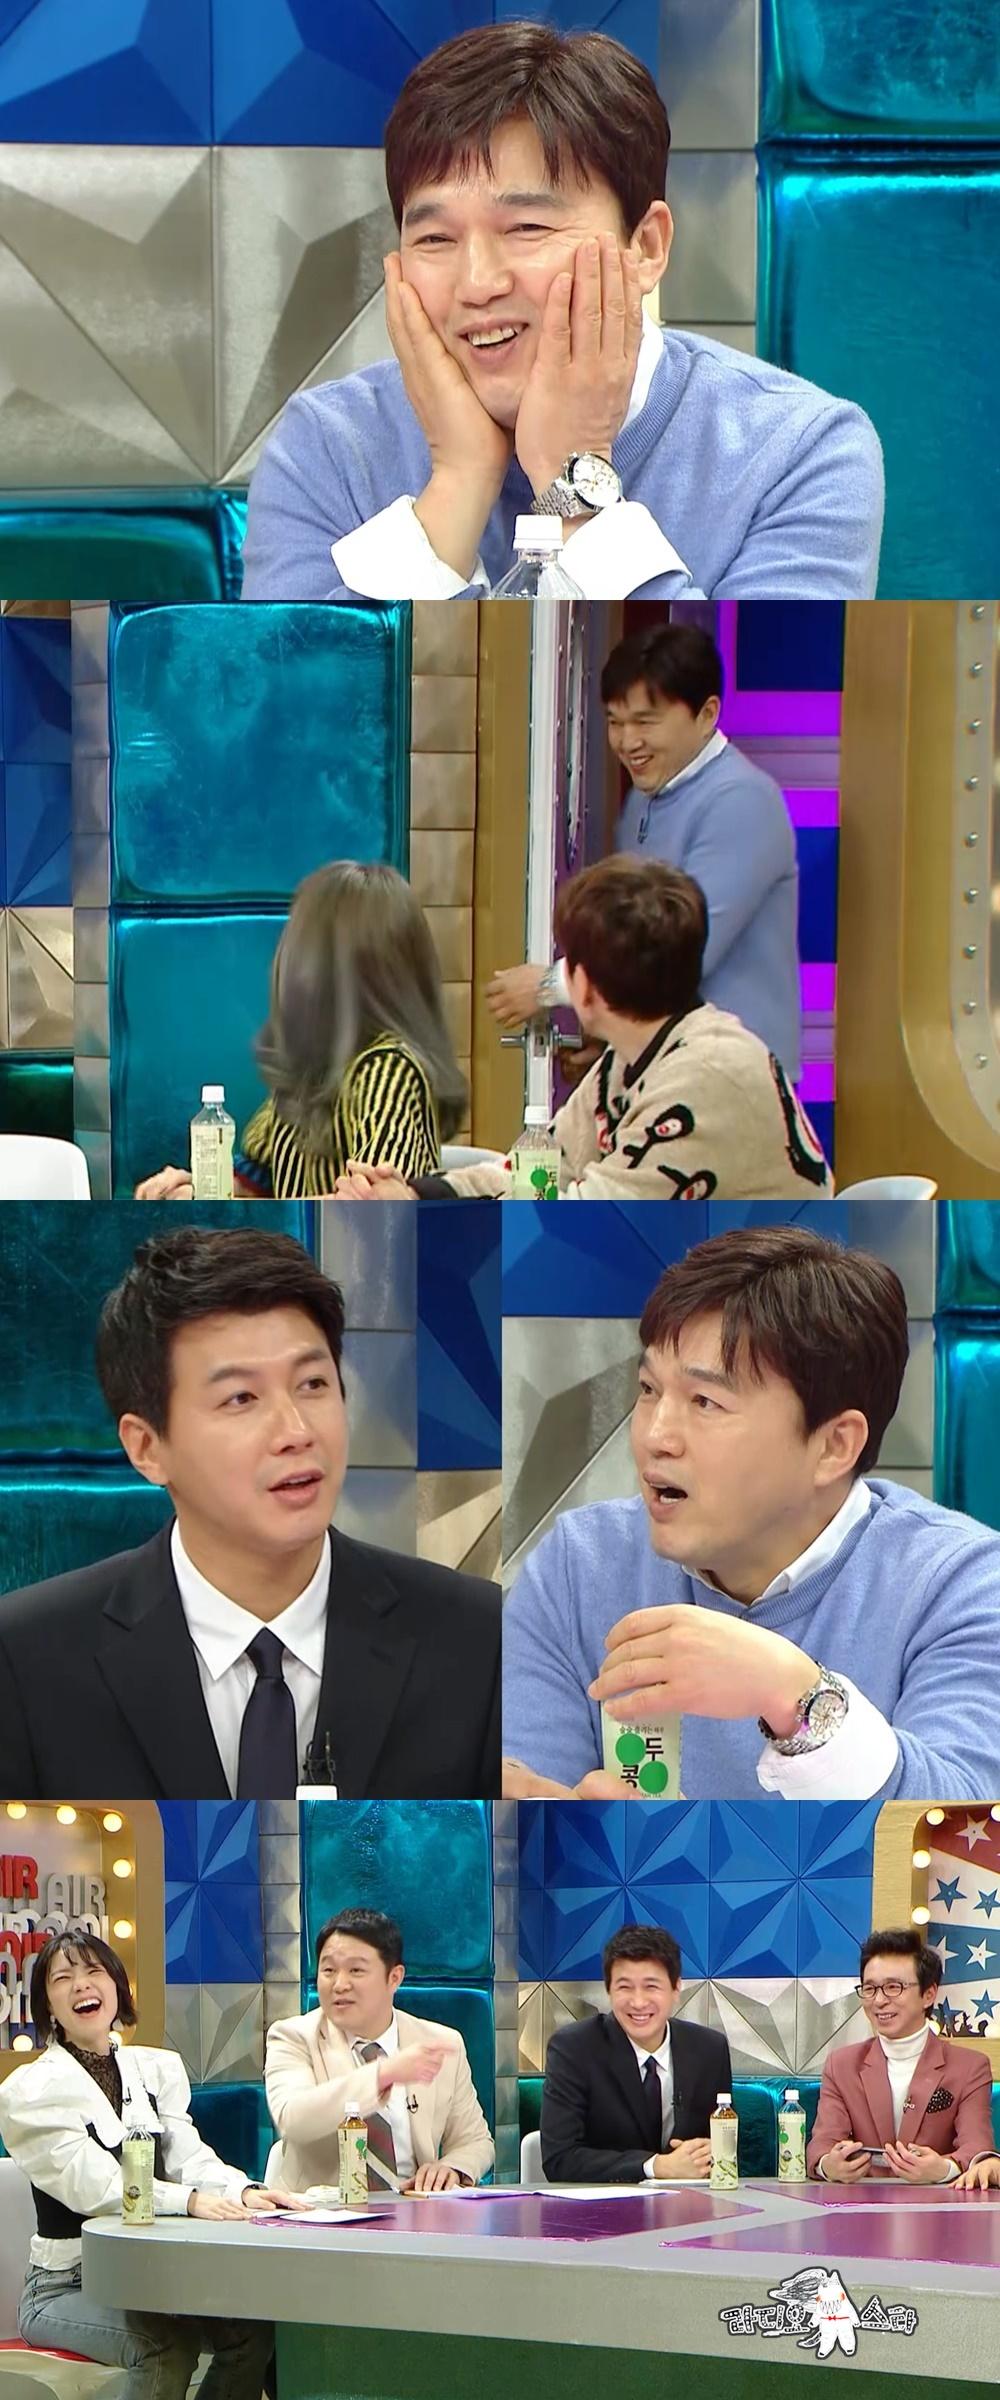 '라스' 김광규, 가발 쓴 채 등장...풍성한 머리숱에 '시선집중'